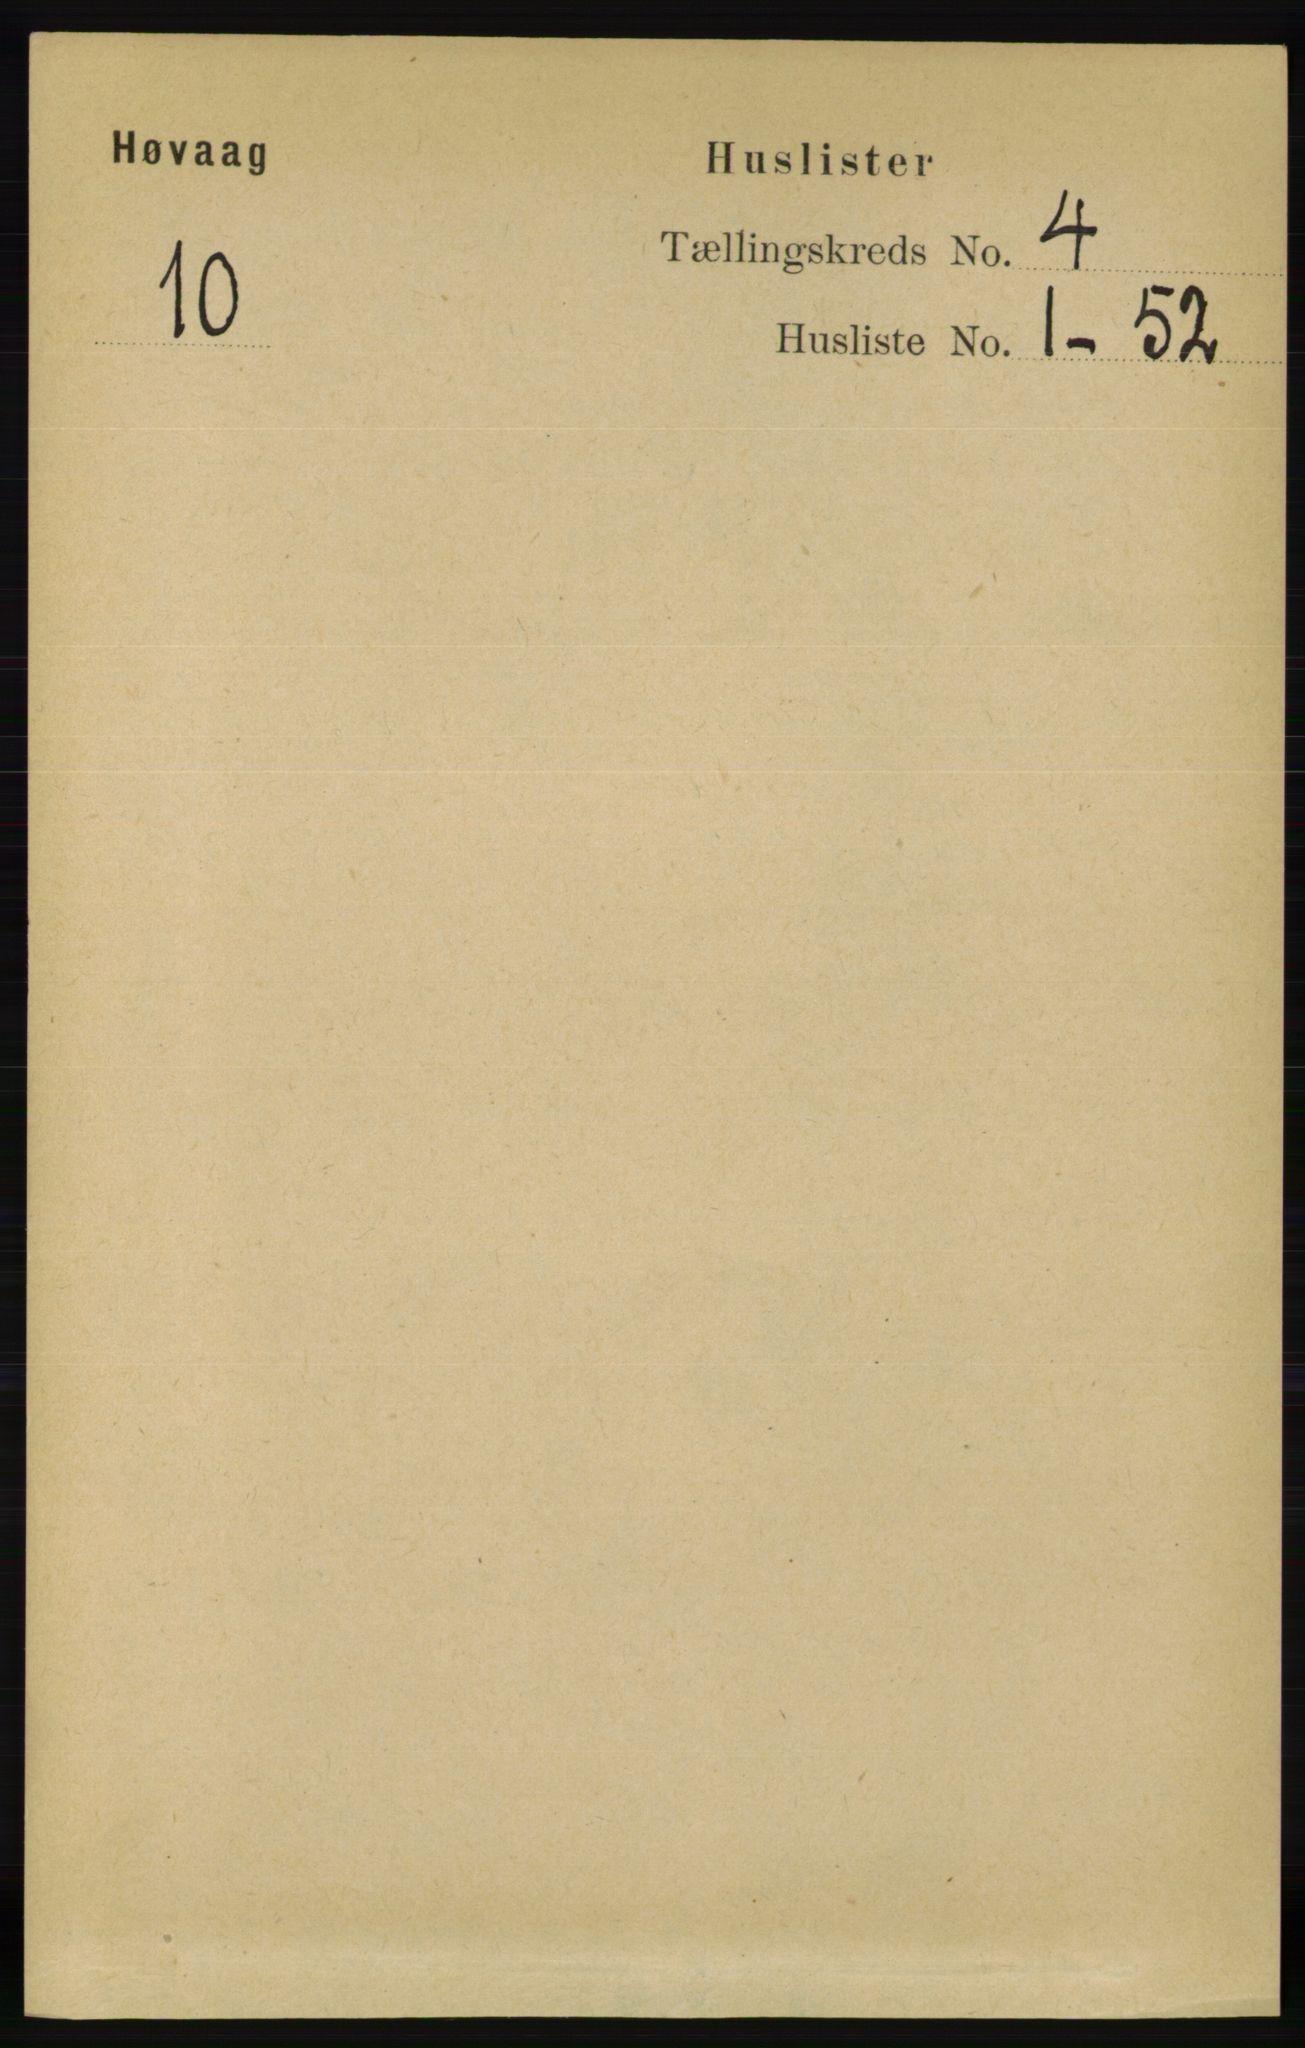 RA, Folketelling 1891 for 0927 Høvåg herred, 1891, s. 1454